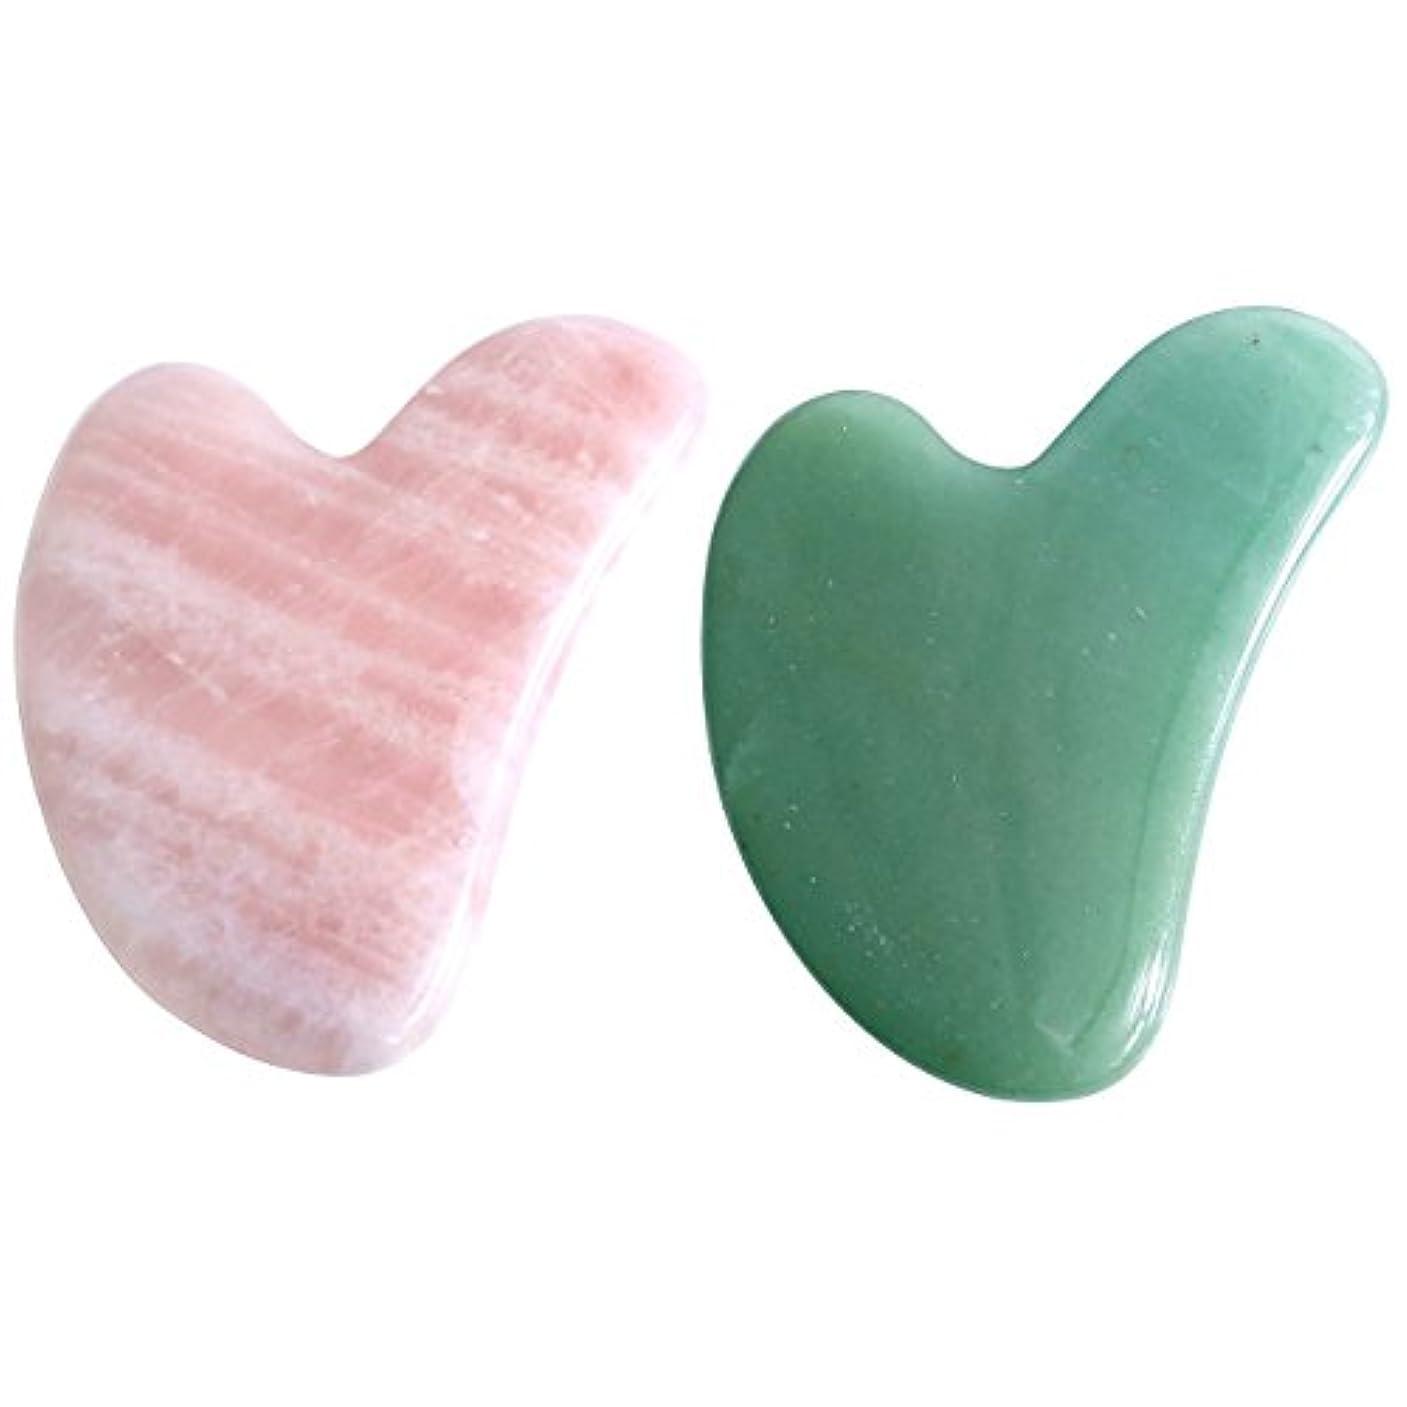 2点セット2pcsFace / Body Massage rose quartz/ Adventurine heart shape Gua Sha 心臓の/ハート形状かっさプレート 天然石ローズクォーツ 翡翠,顔?ボディ...